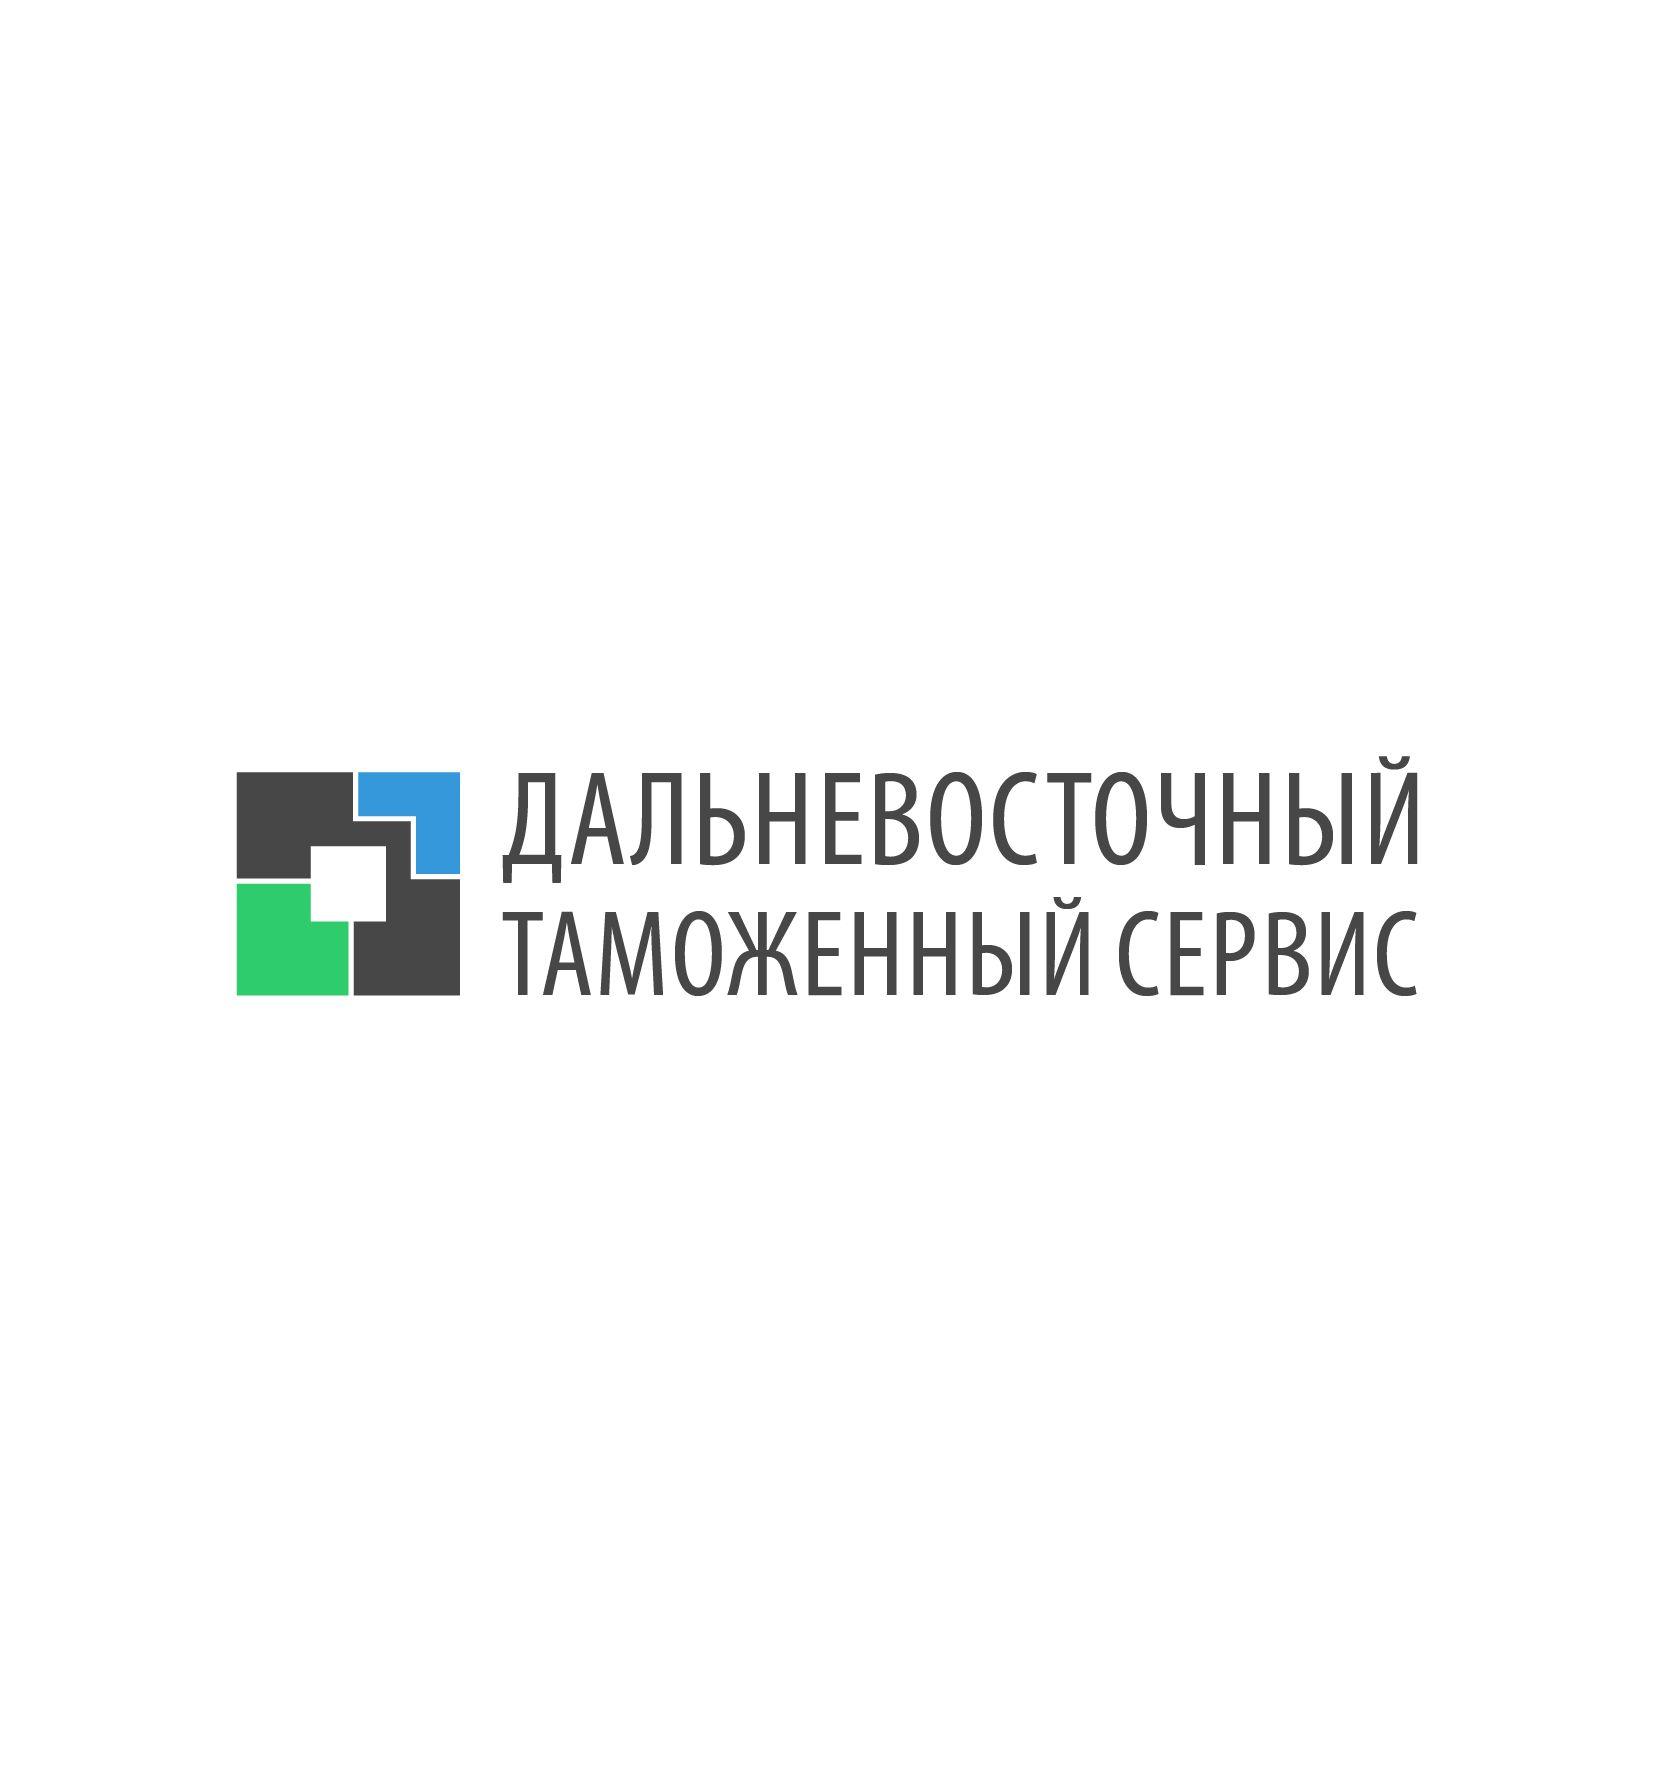 Логотип знак фирменные цвета для компании ДВТС   - дизайнер mykolajmp5